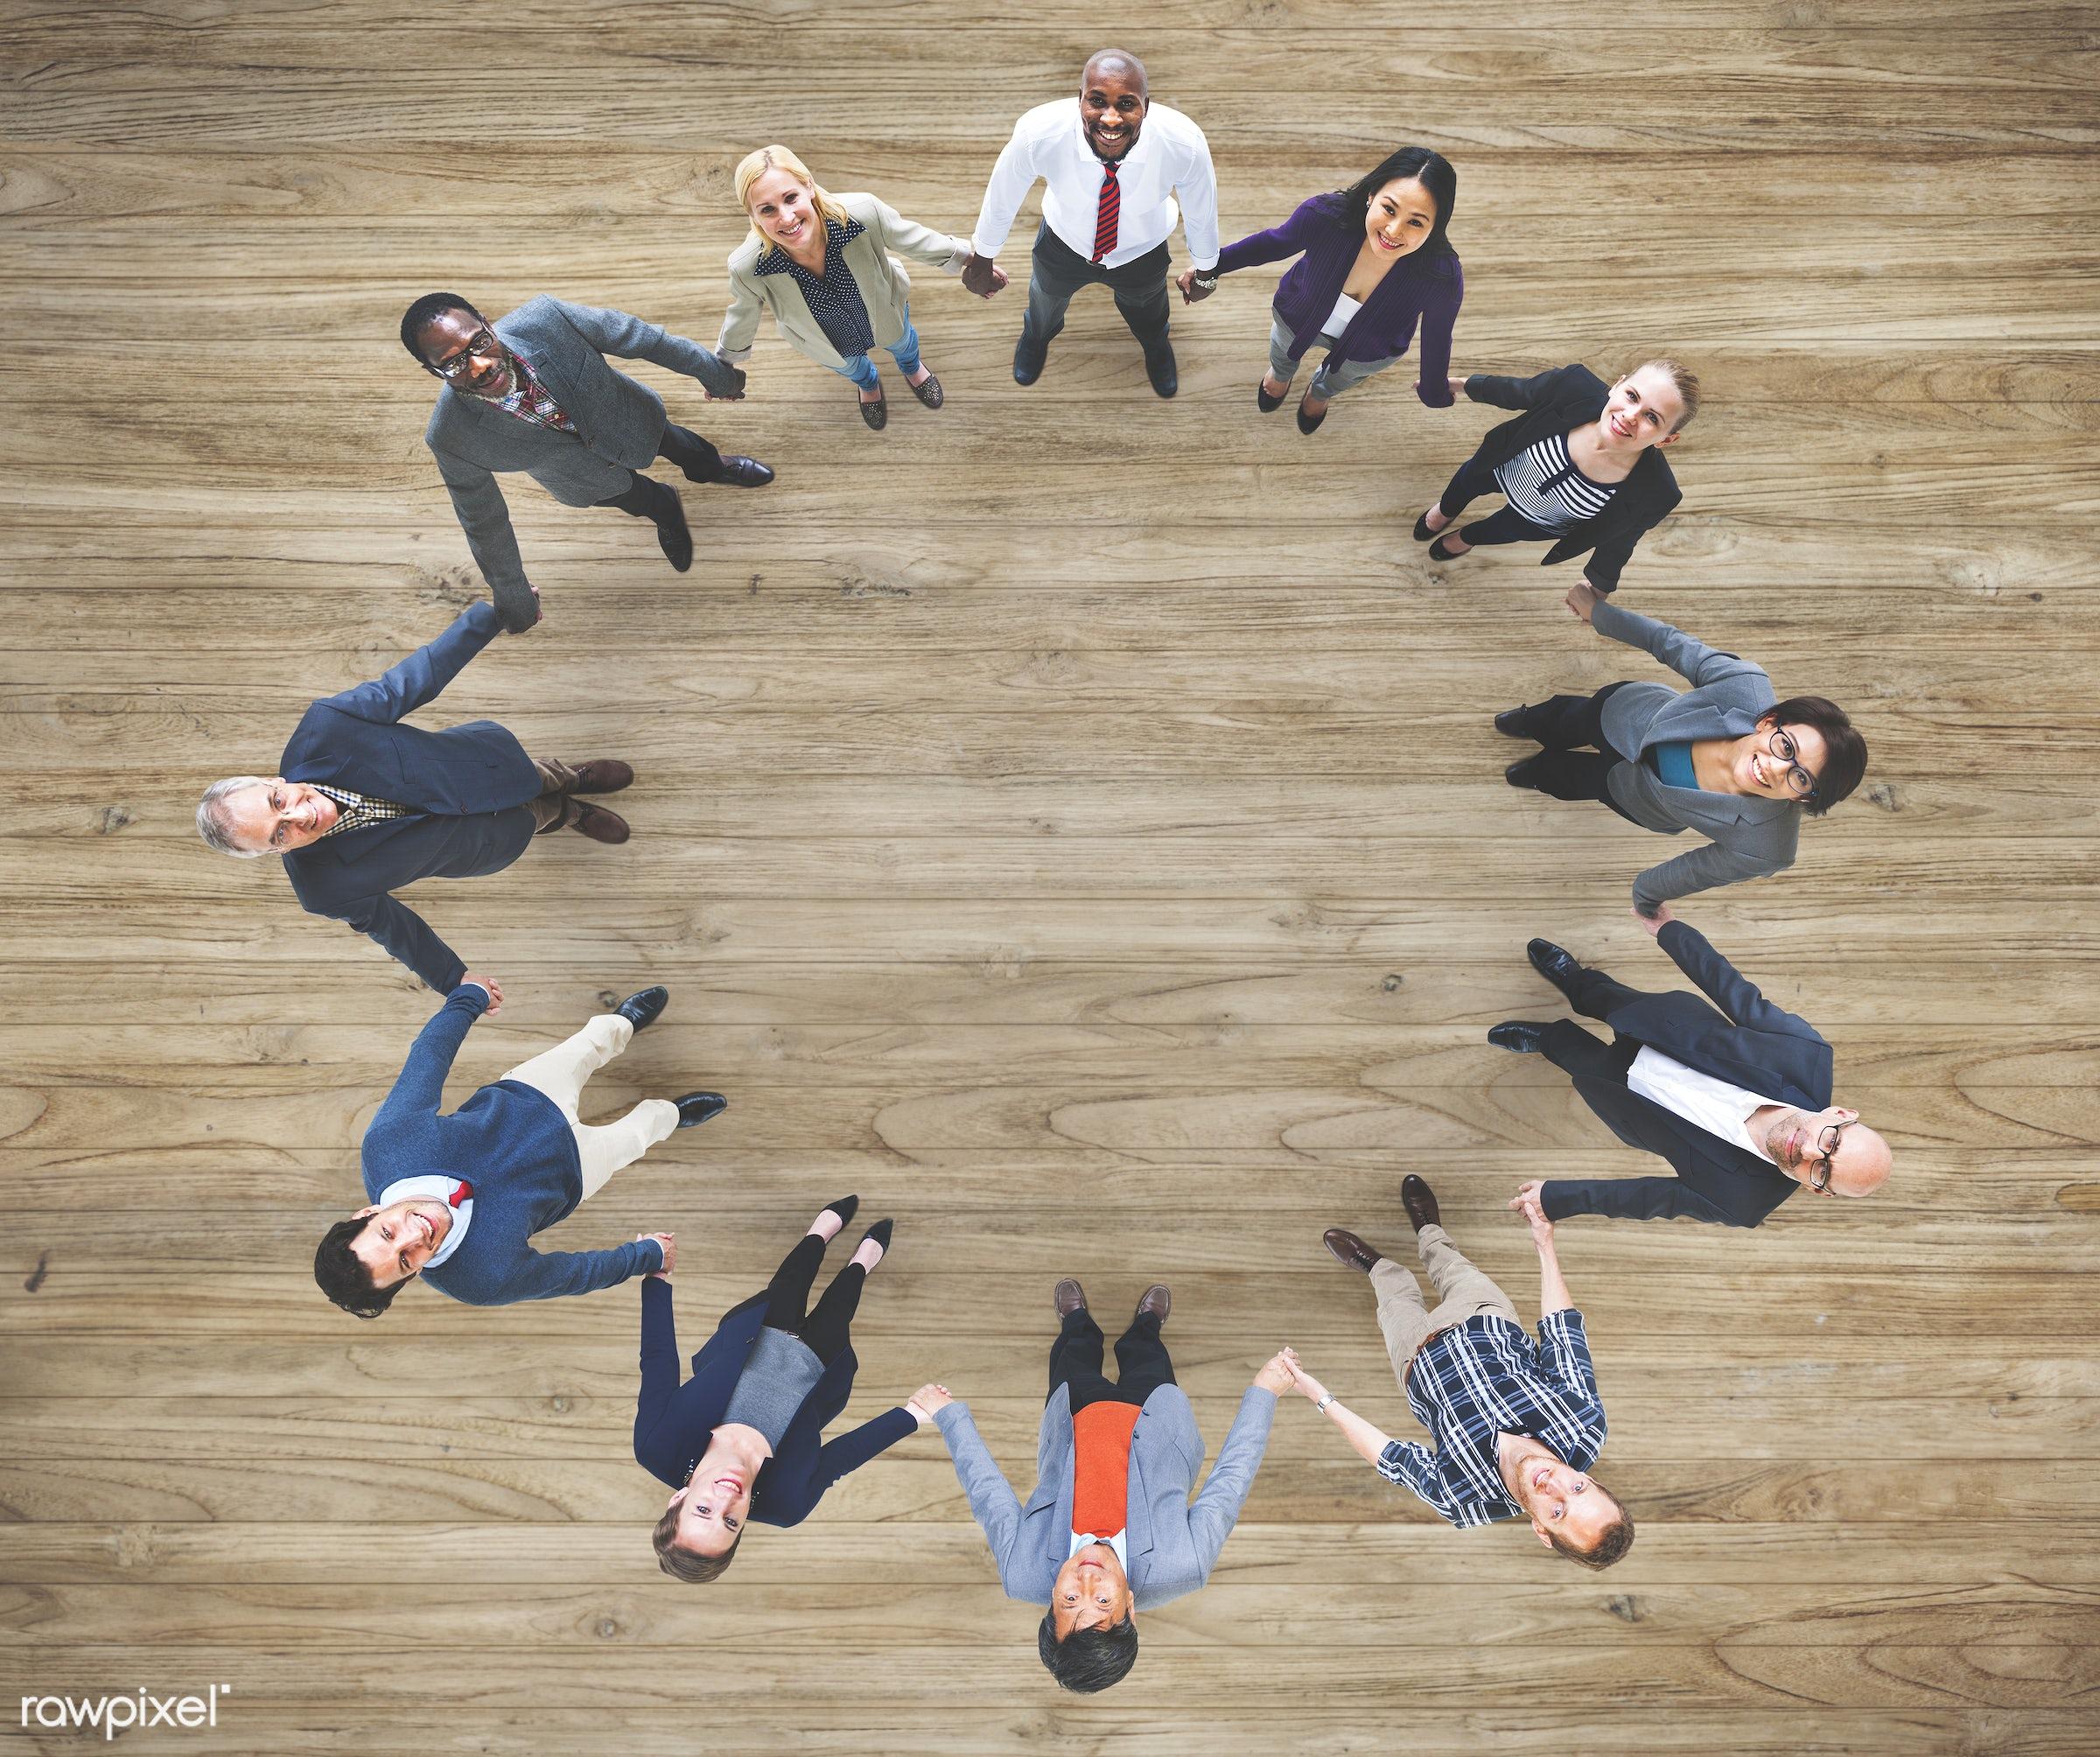 collaboration, diverse, wooden floor, people, teamwork, friends, businesswomen, aerial view, cheerful, smiling, businessmen...